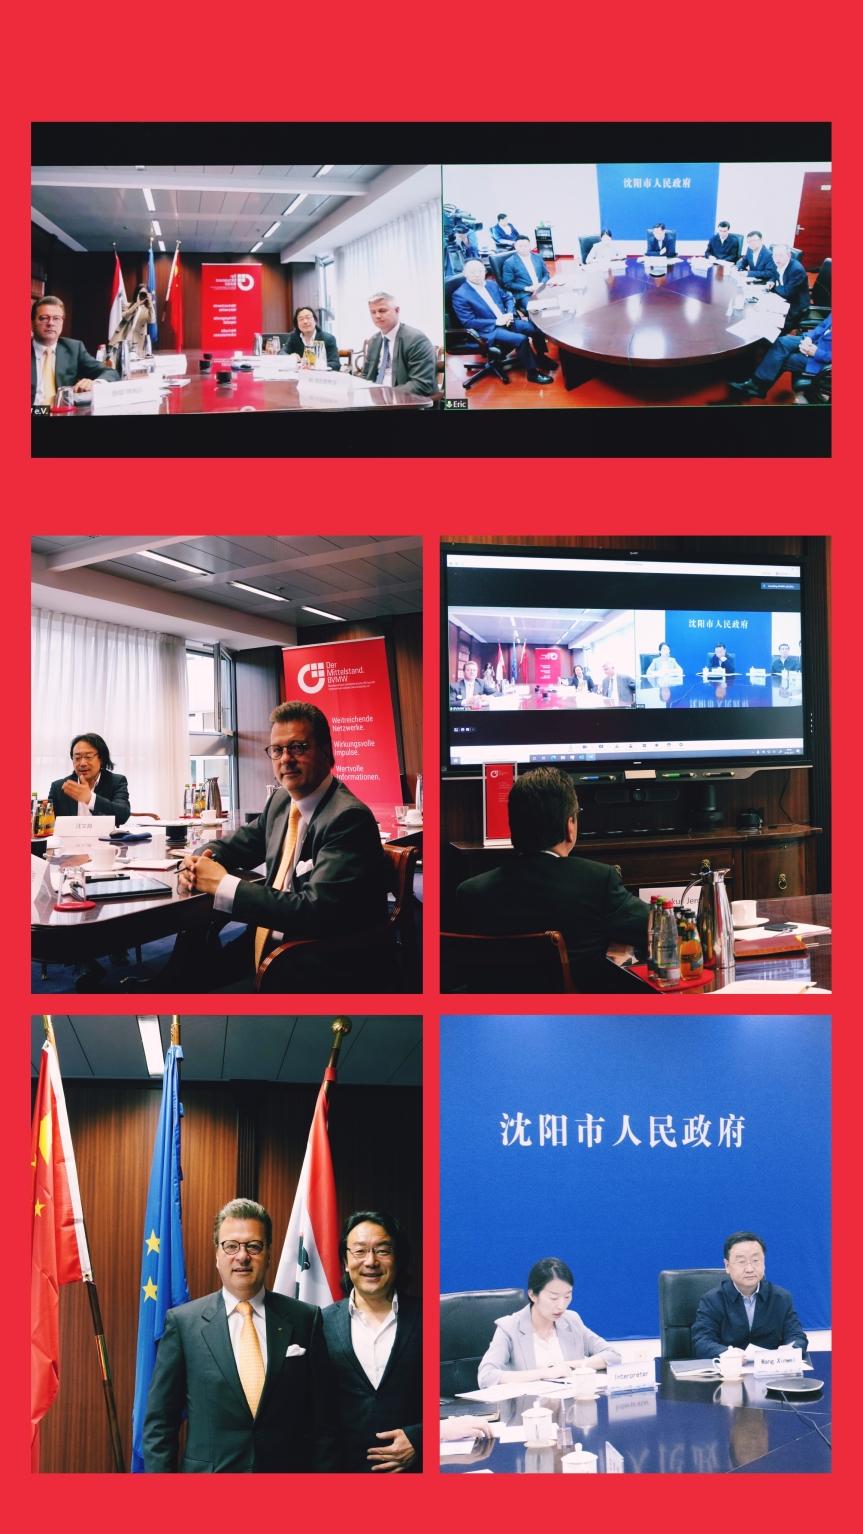 Initialgespräch zur Errichtung eines German Centers inShenyang/China